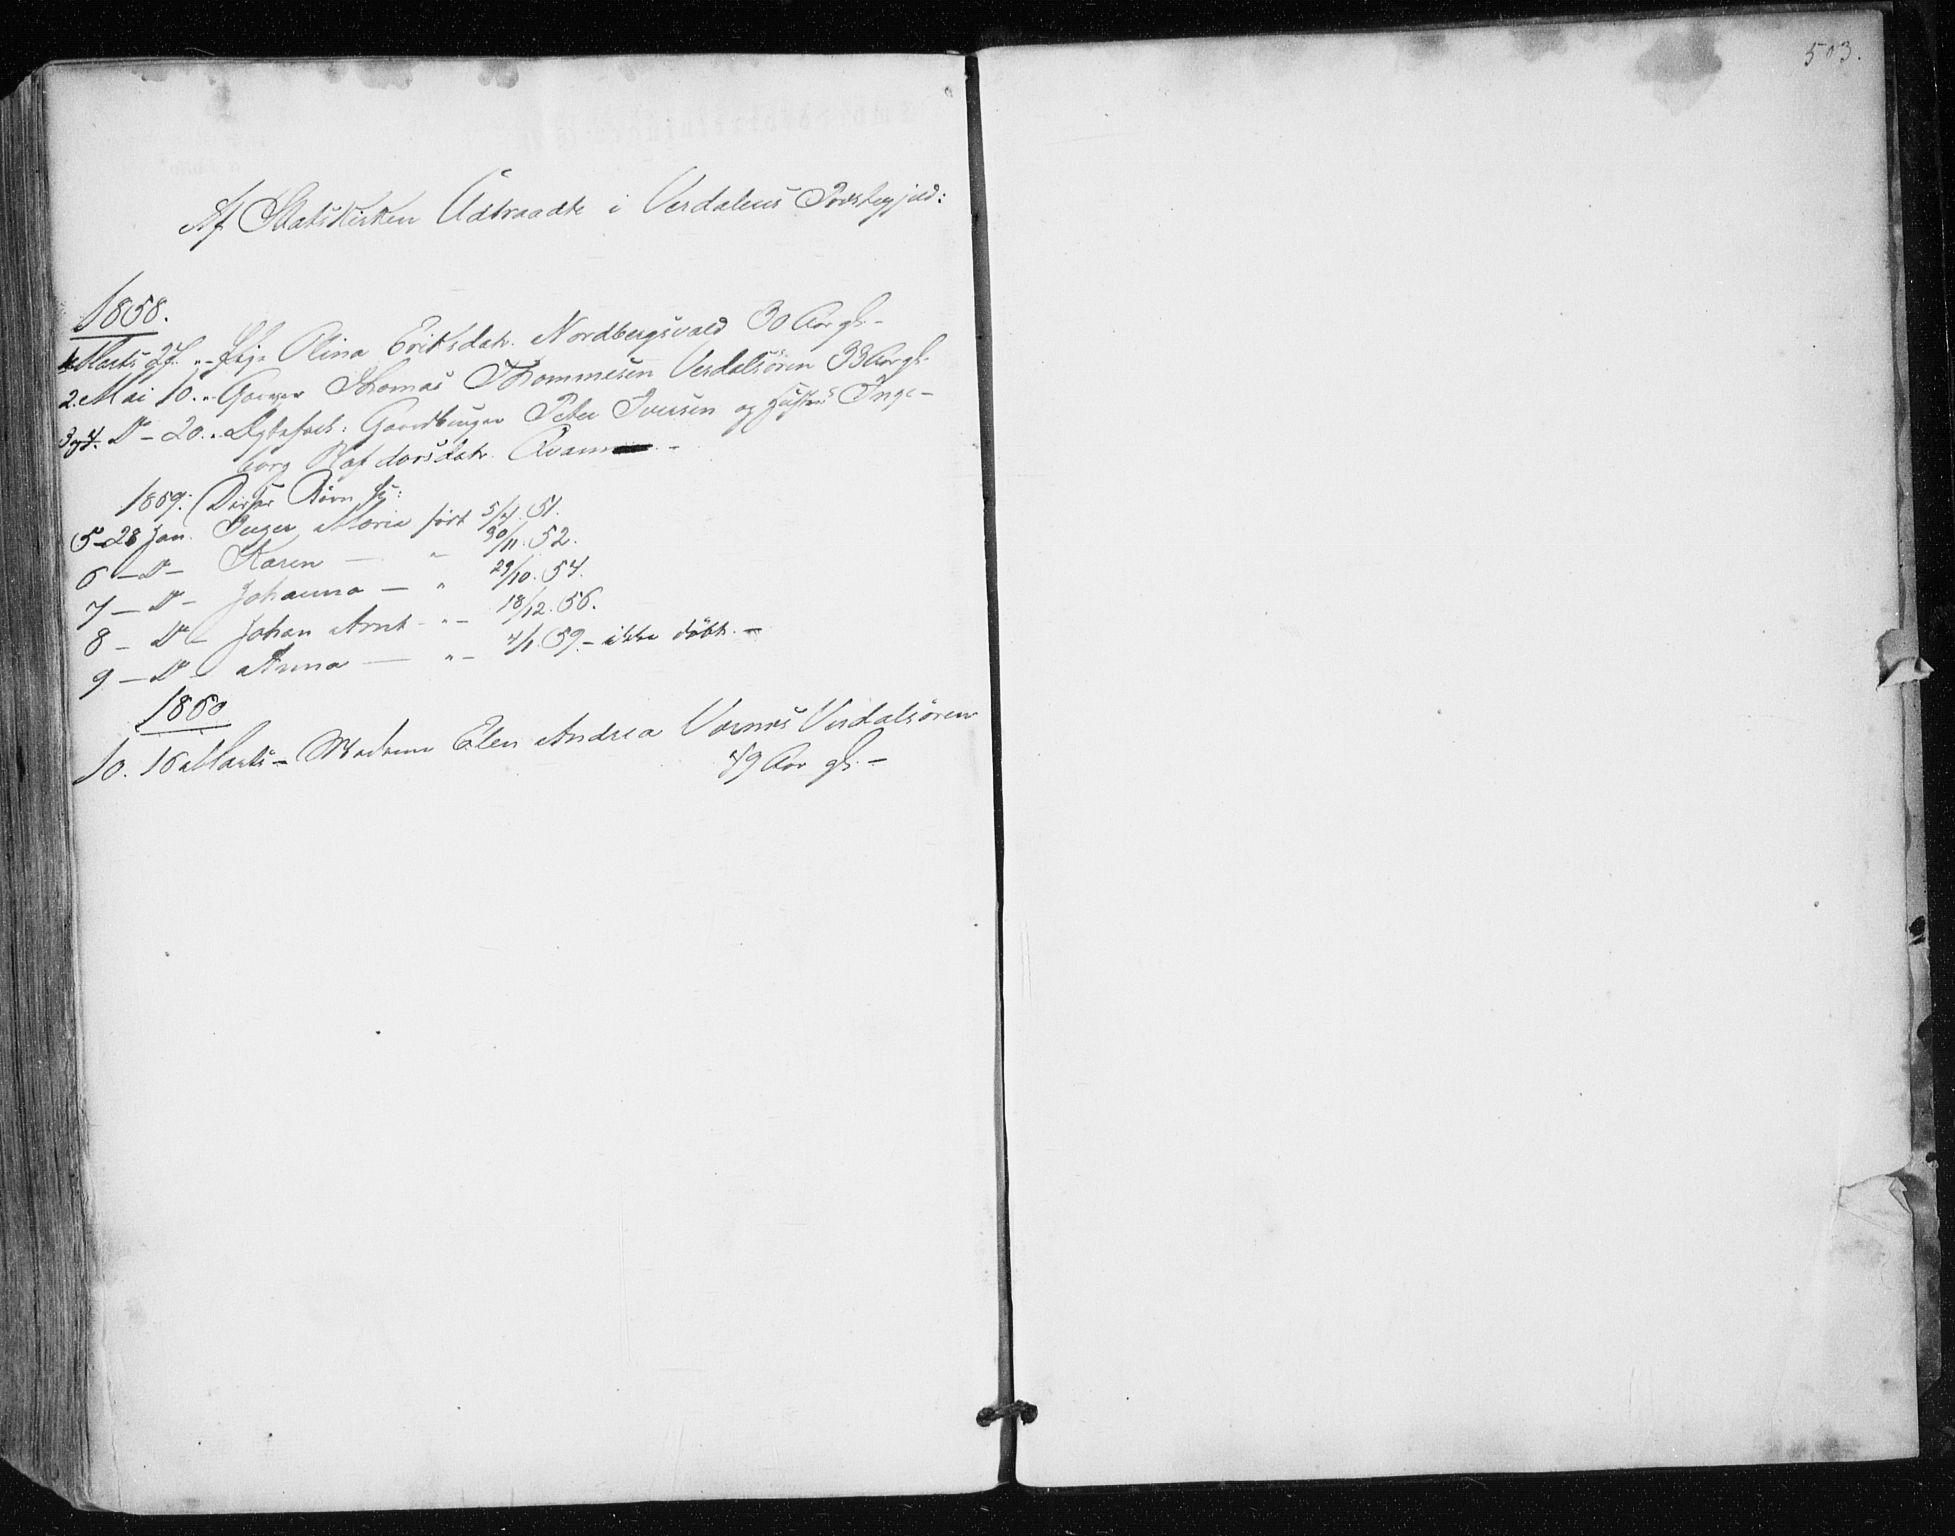 SAT, Ministerialprotokoller, klokkerbøker og fødselsregistre - Nord-Trøndelag, 723/L0240: Ministerialbok nr. 723A09, 1852-1860, s. 503